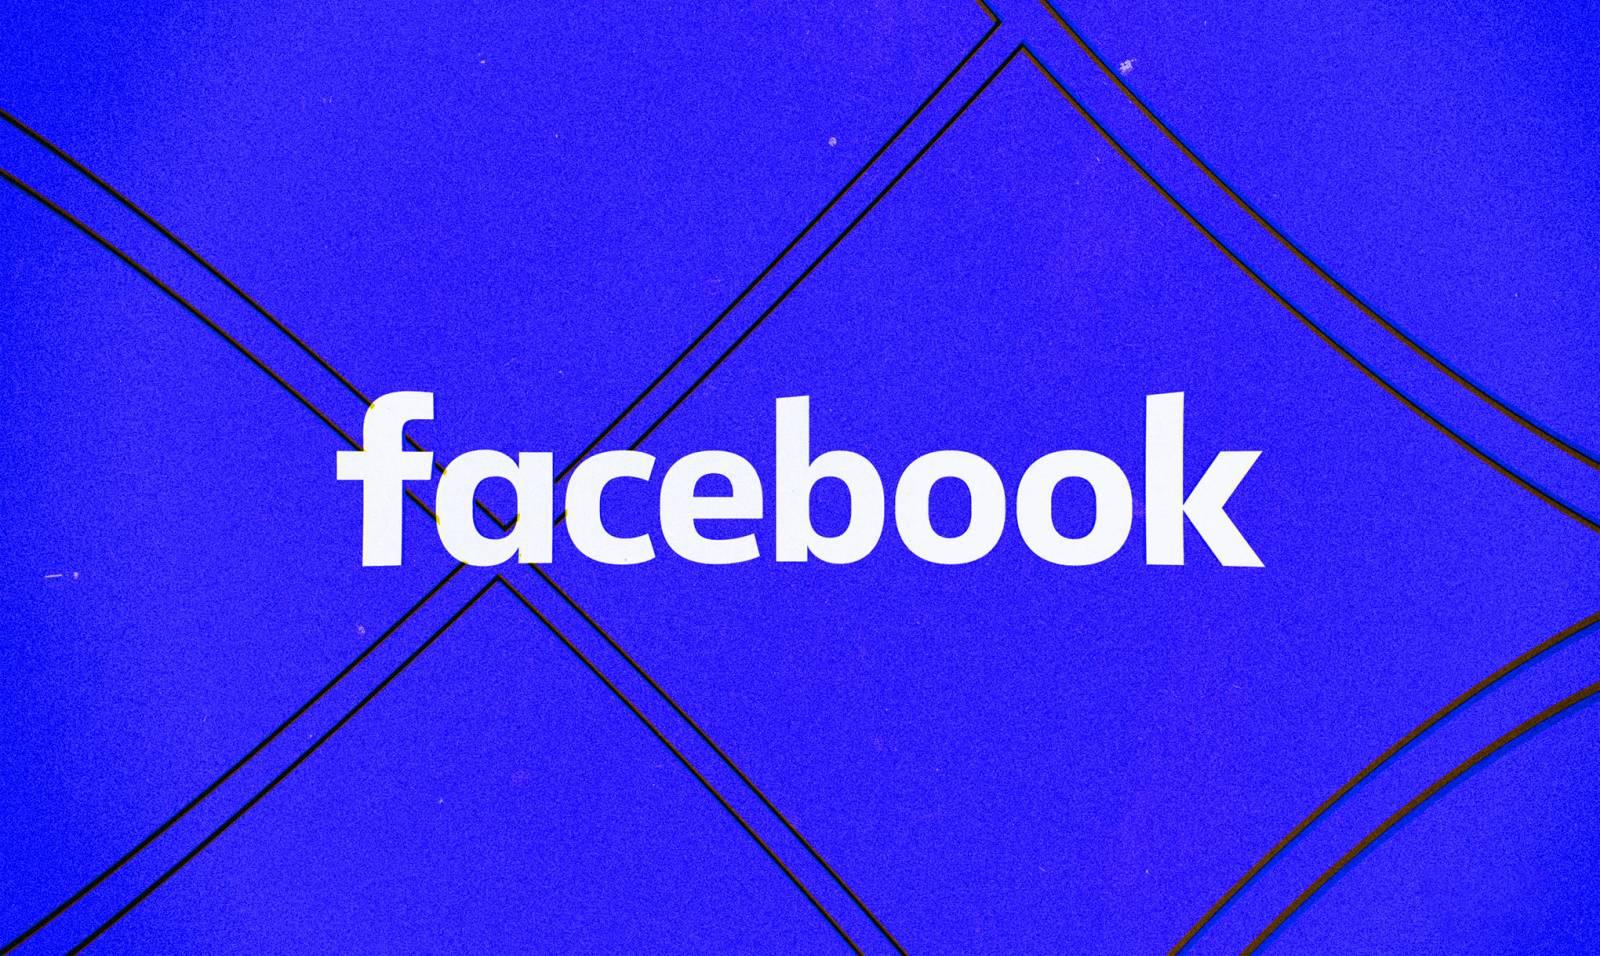 Facebook interzis australia